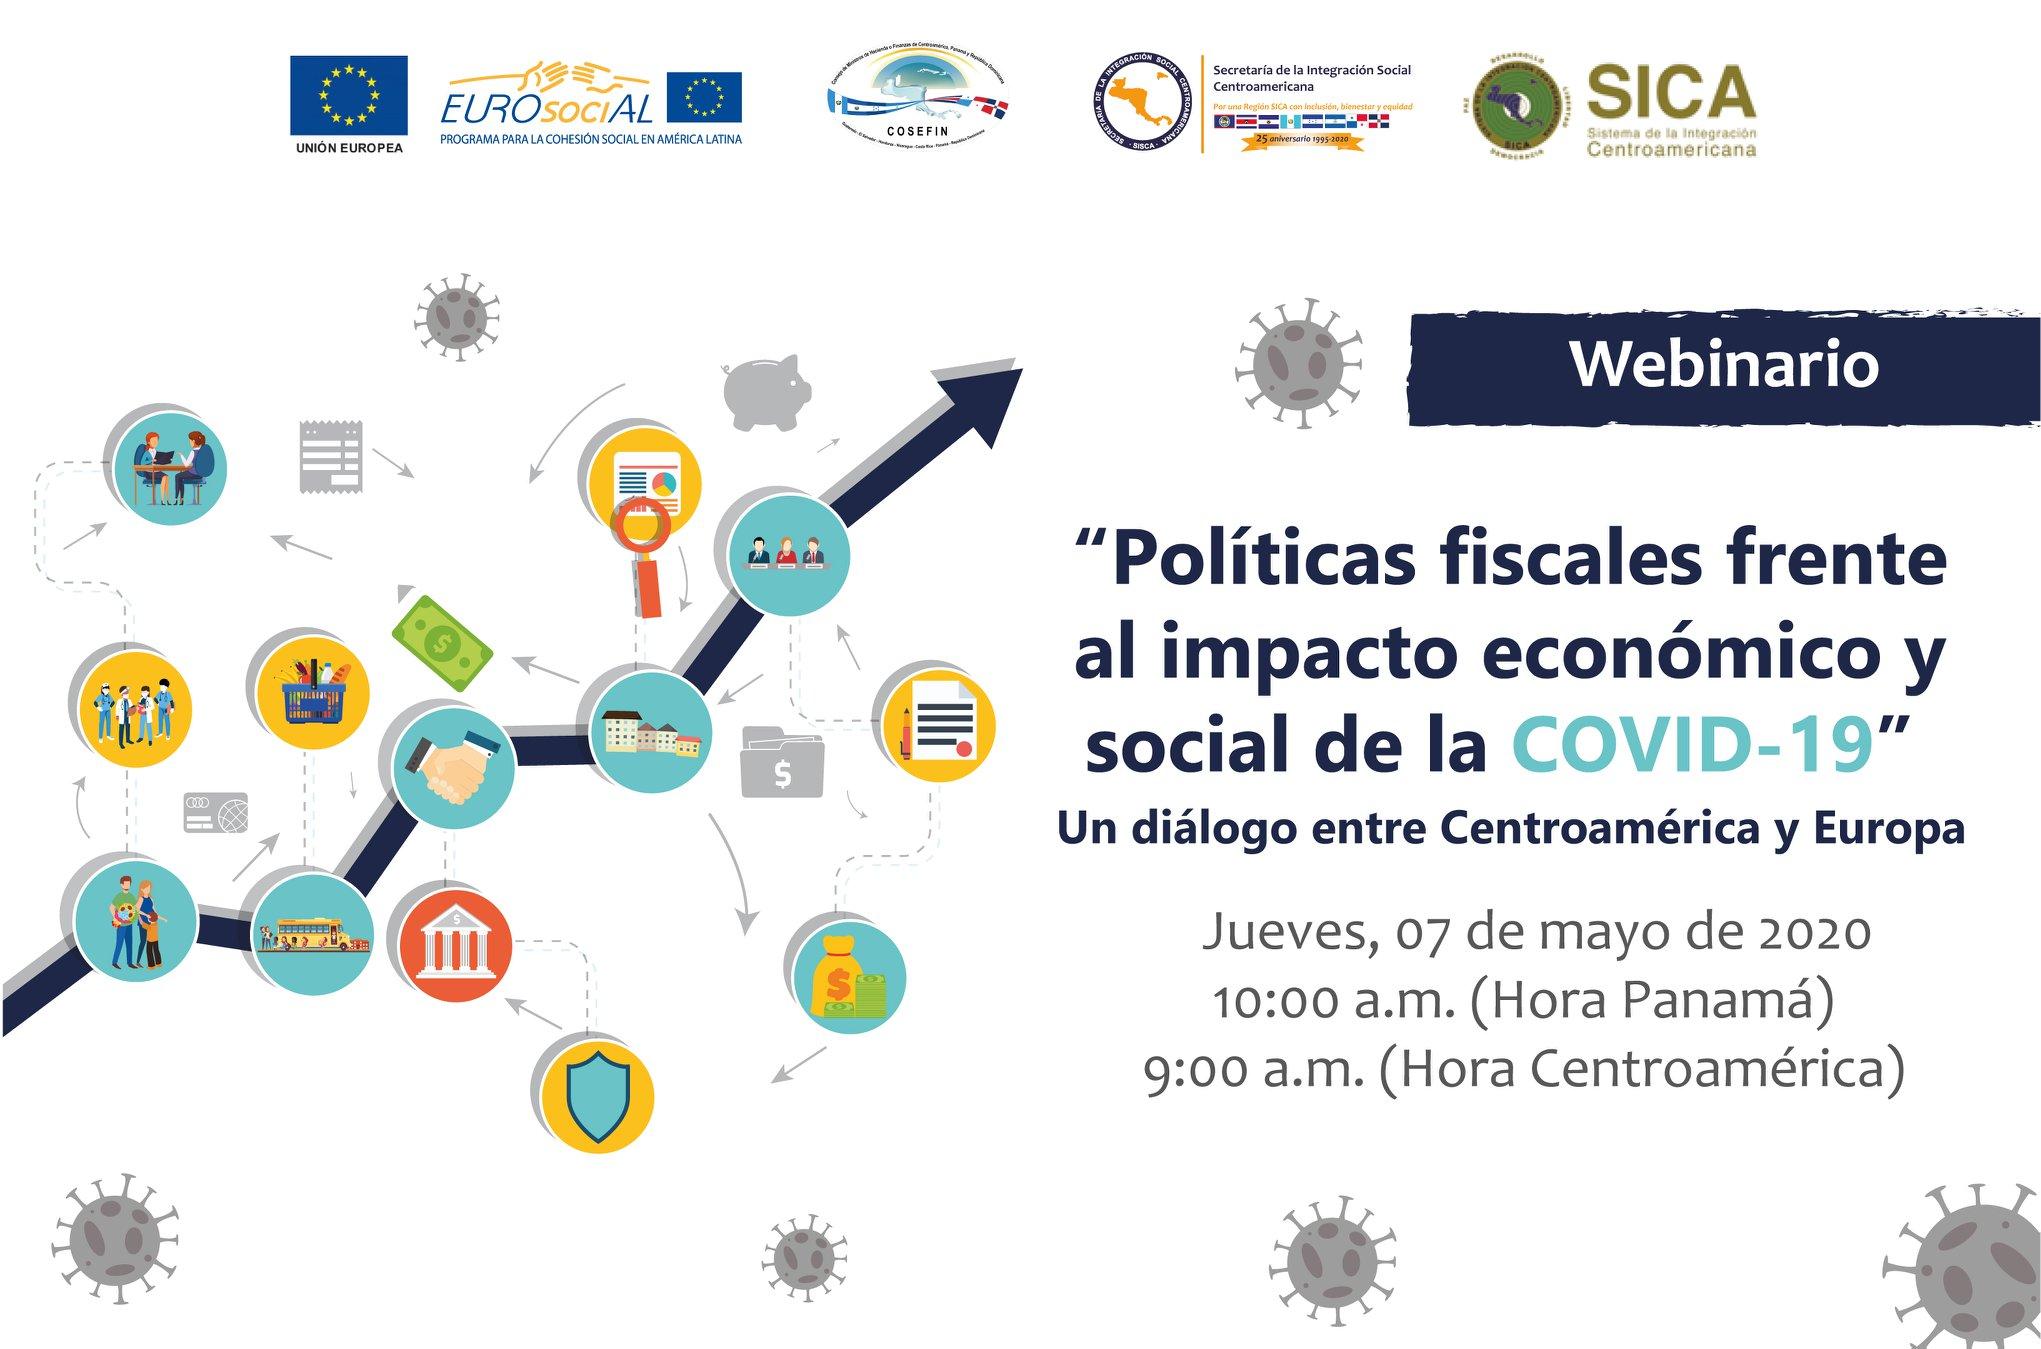 Políticas fiscales frente al impacto económico y social del COVID-19